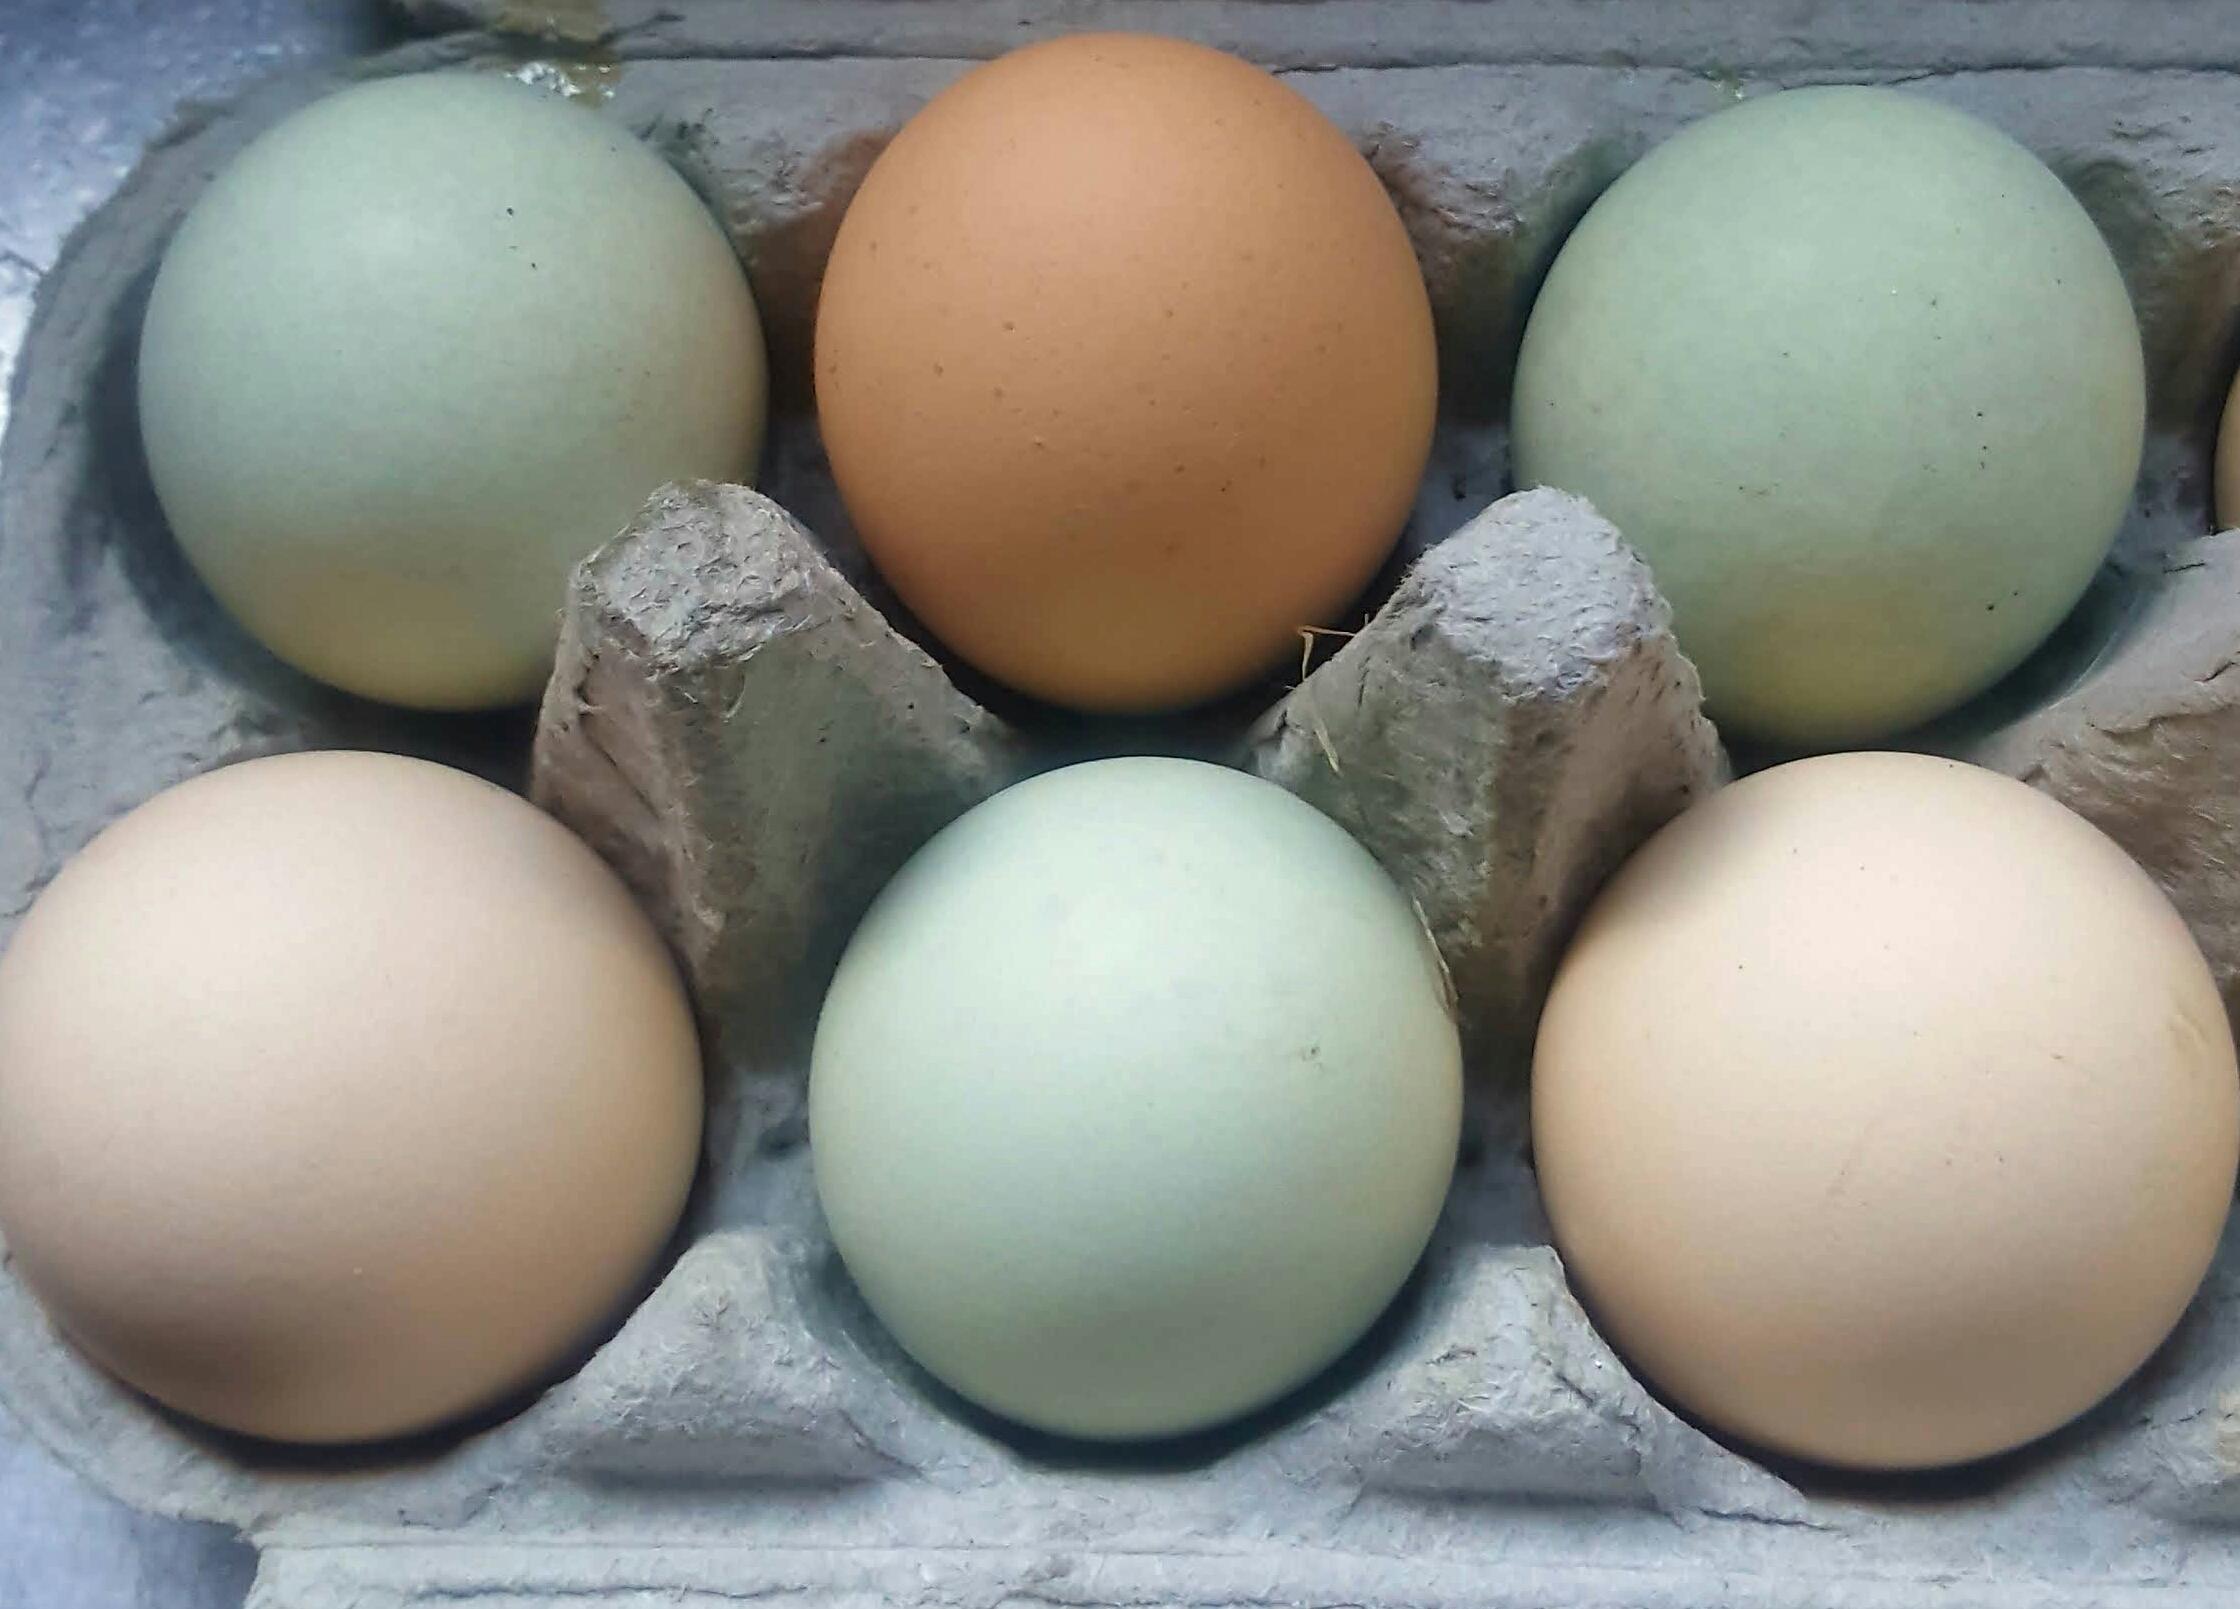 My blue chicken eggs.